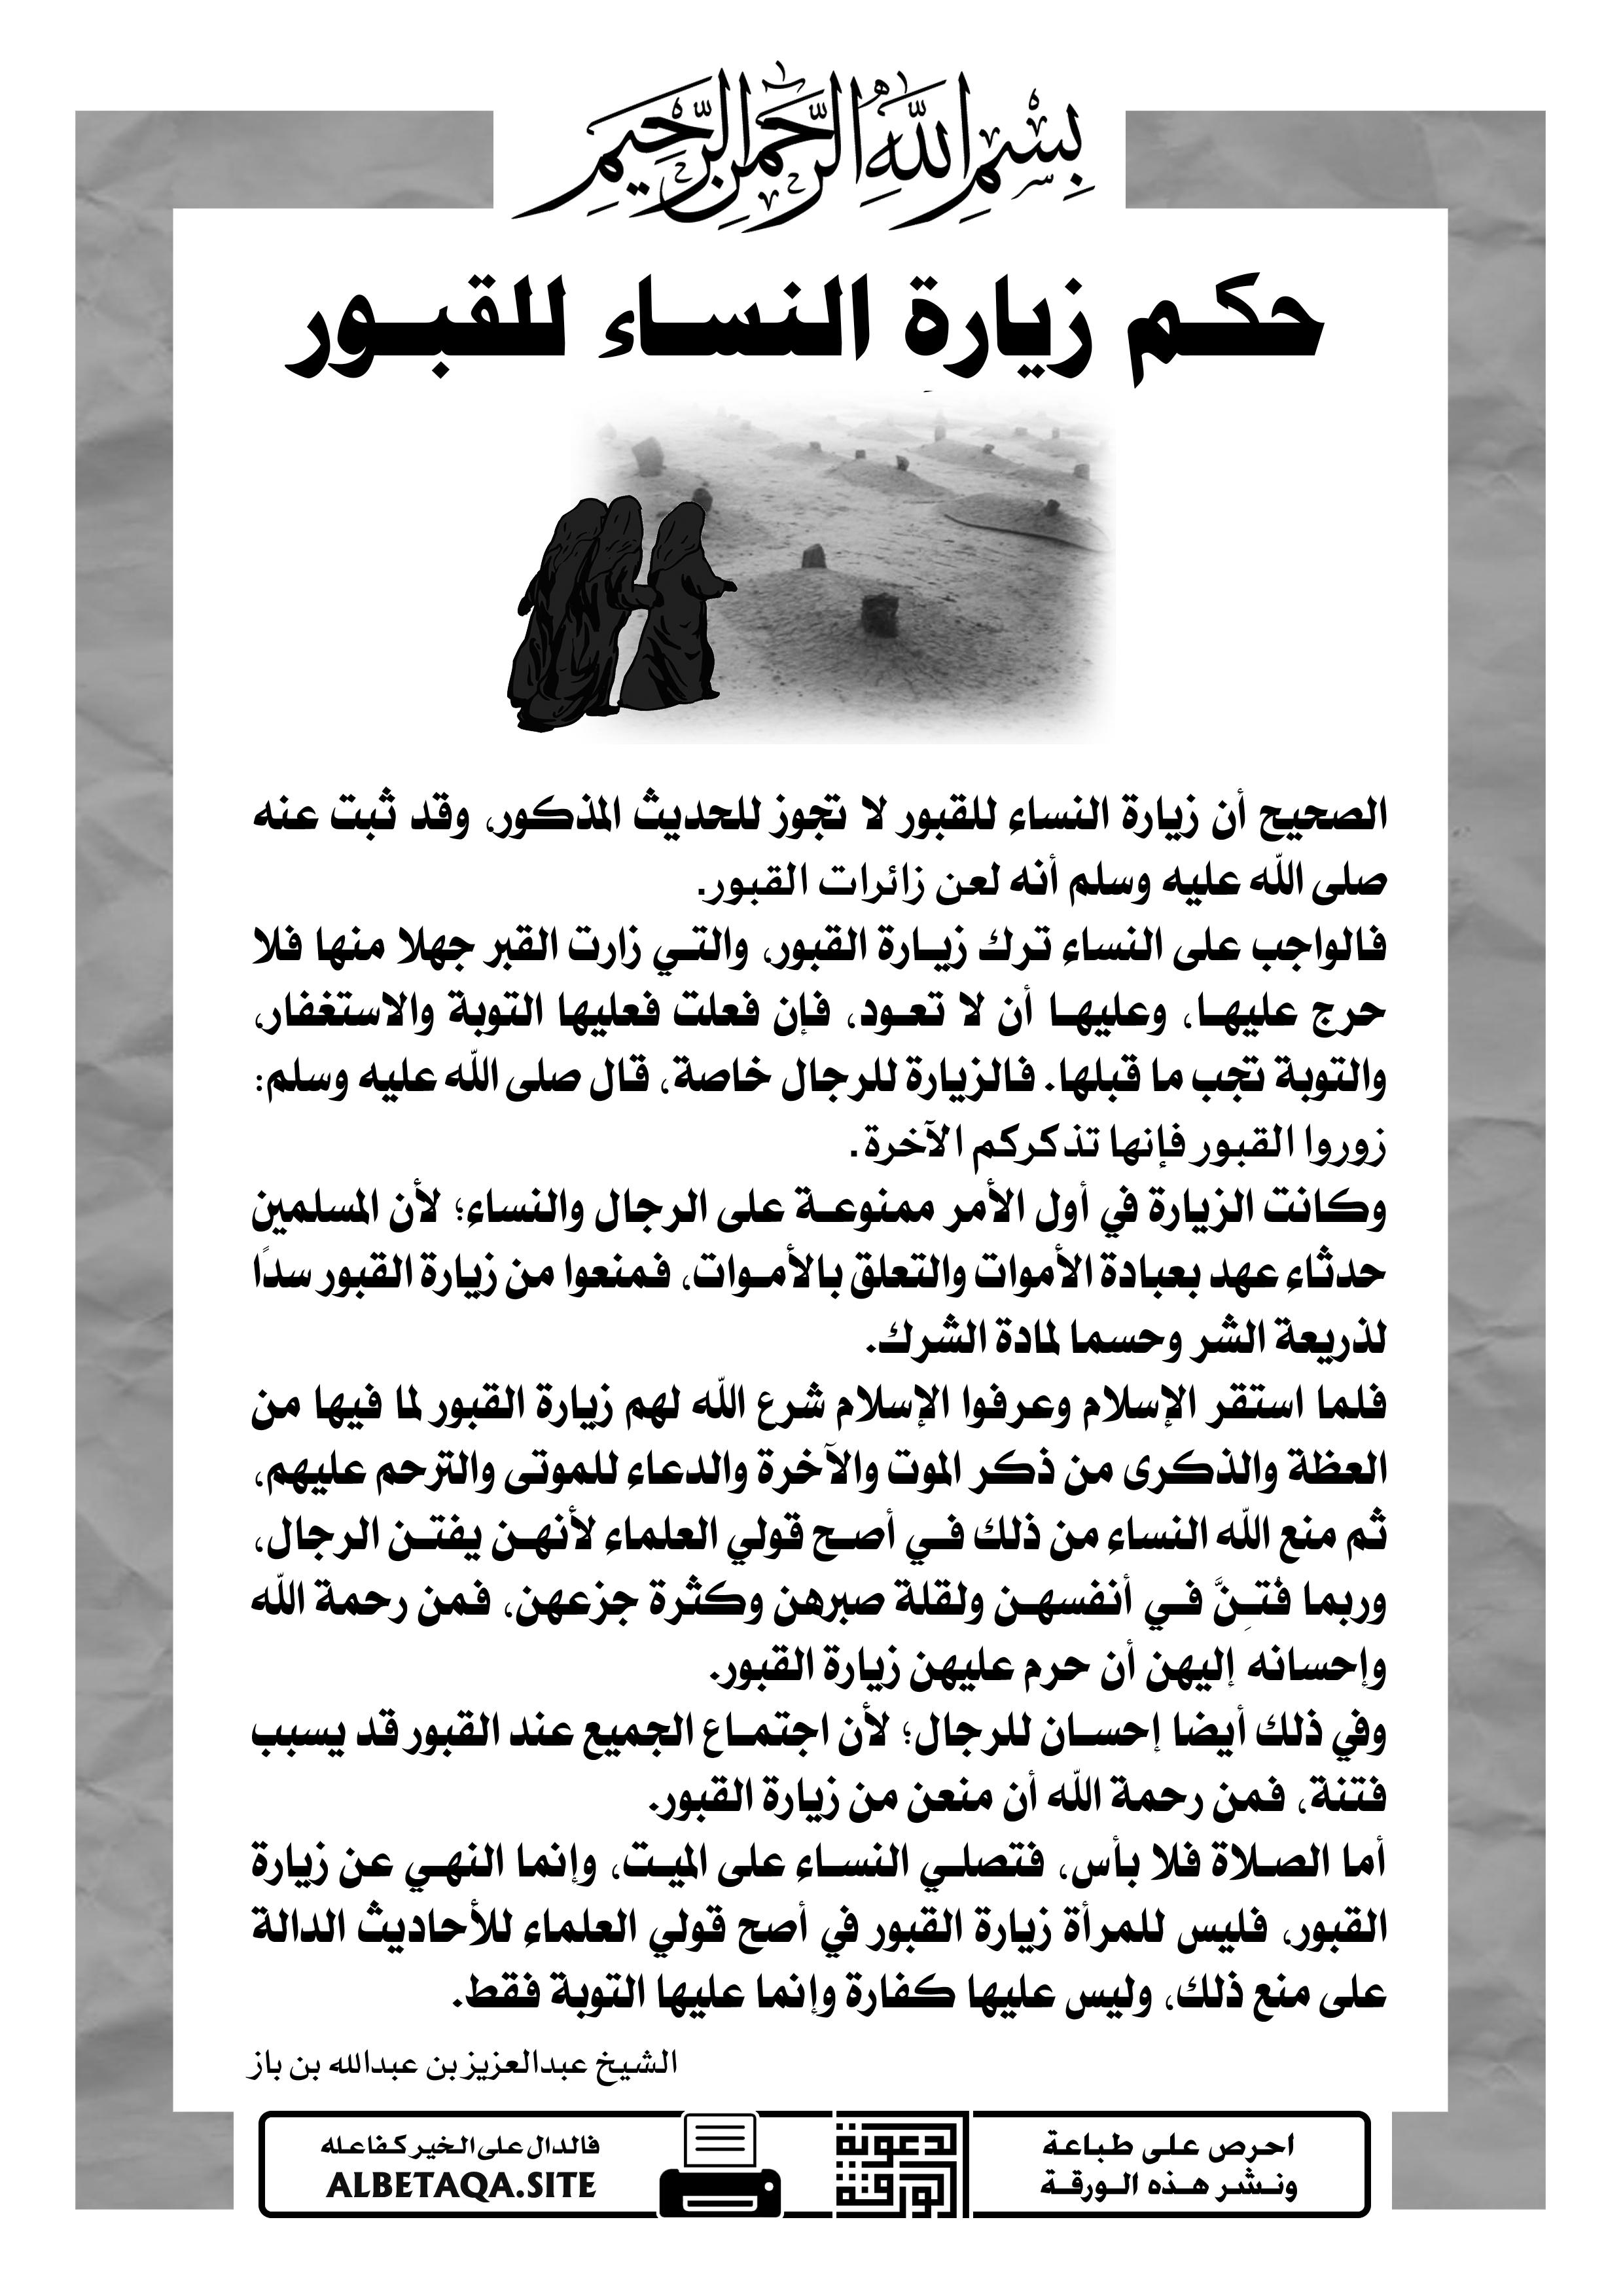 حكـم زيارة النساء للقبور موقع البطاقة الدعوي